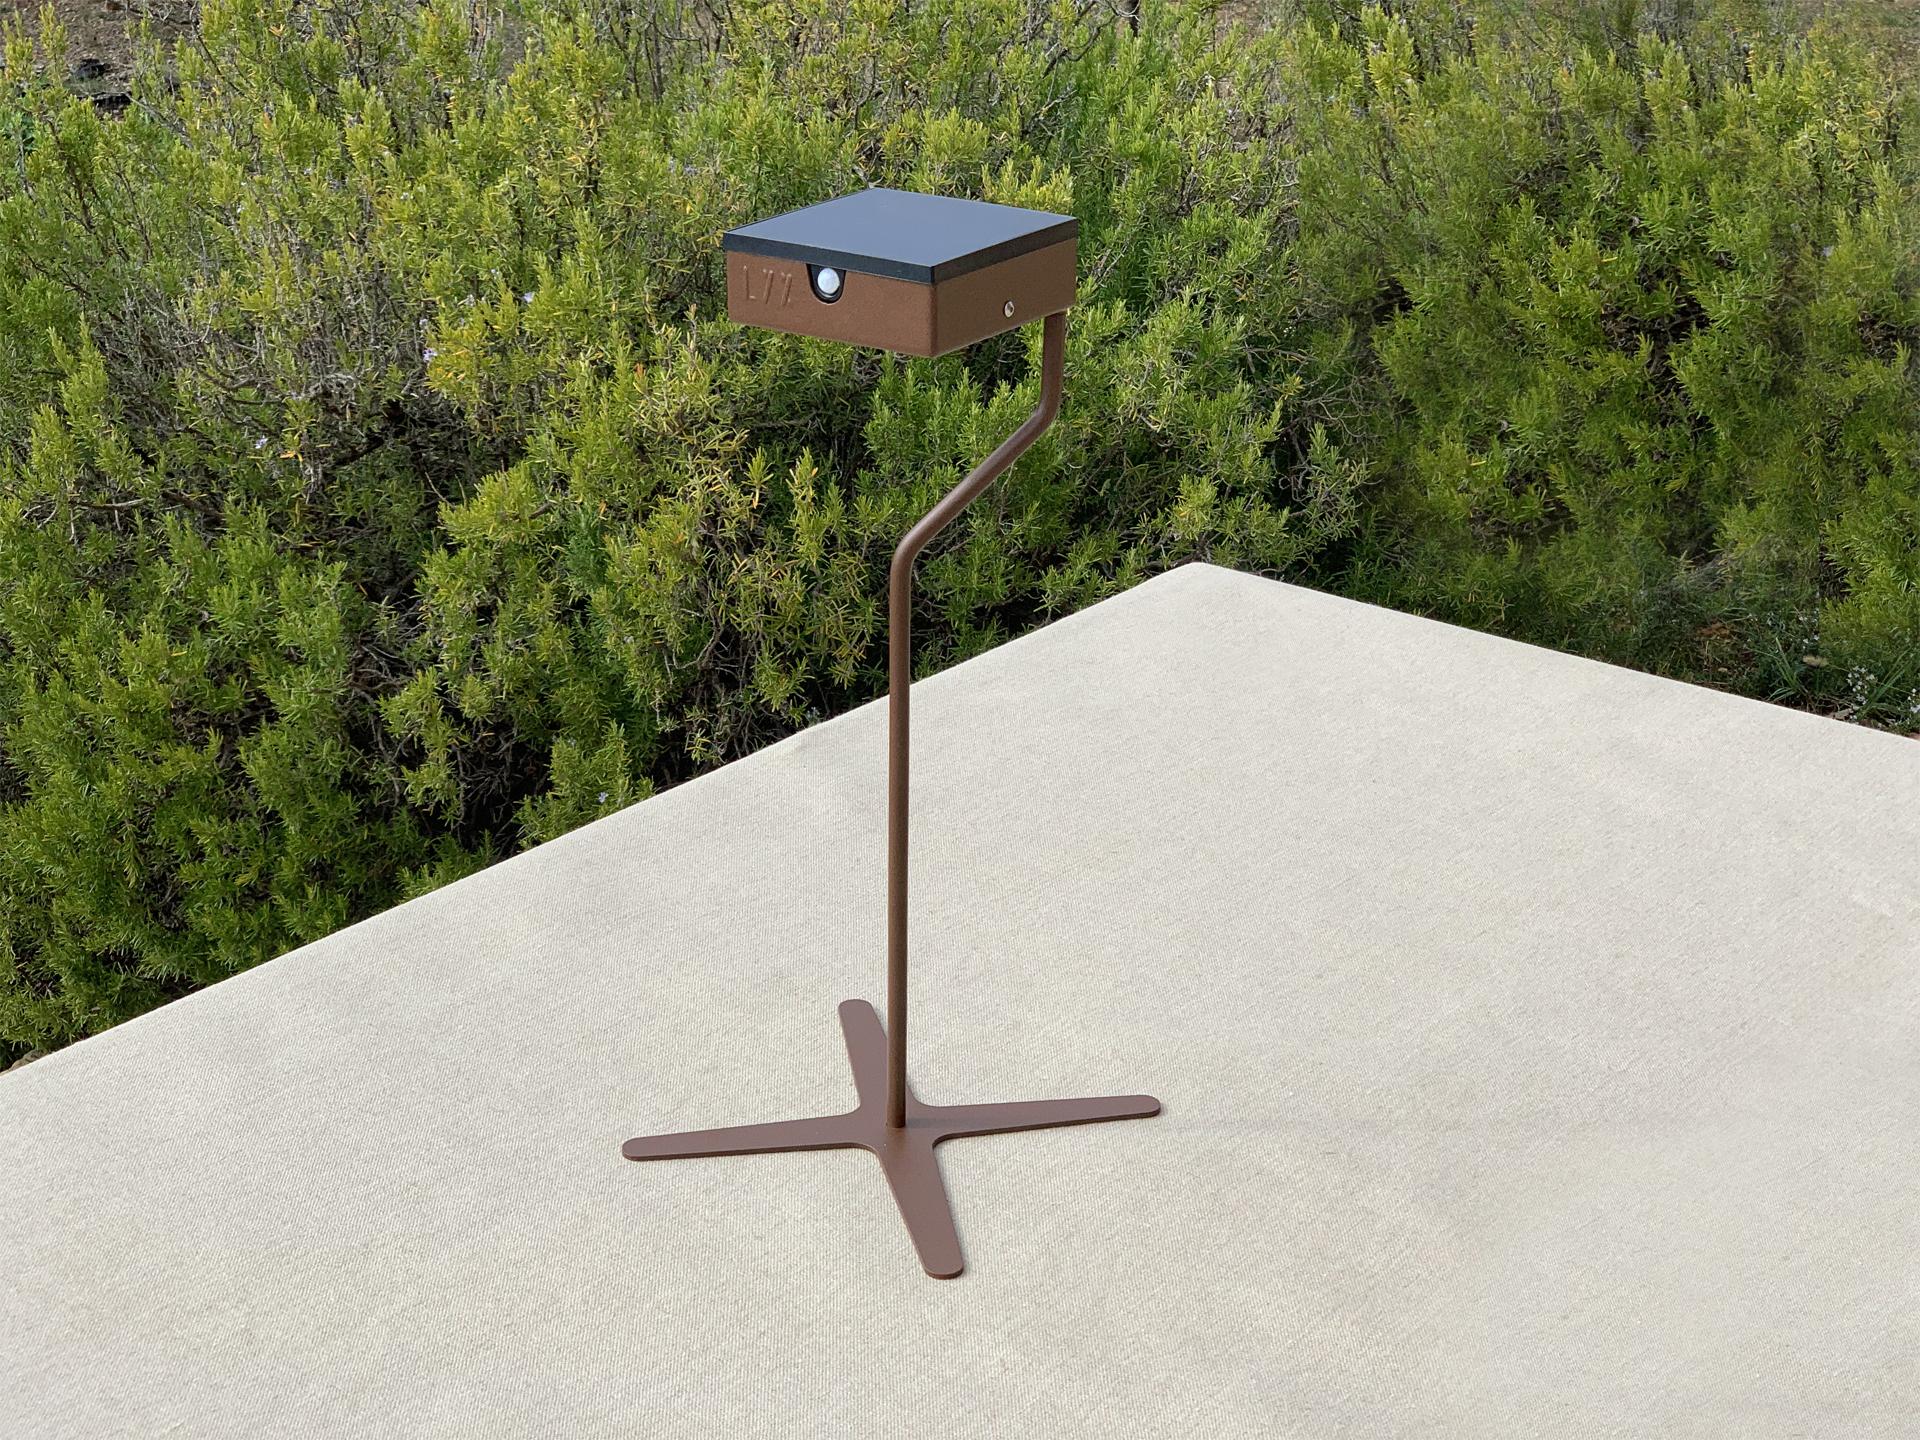 Chandelier solaire TEE - Lampe solaire autonome